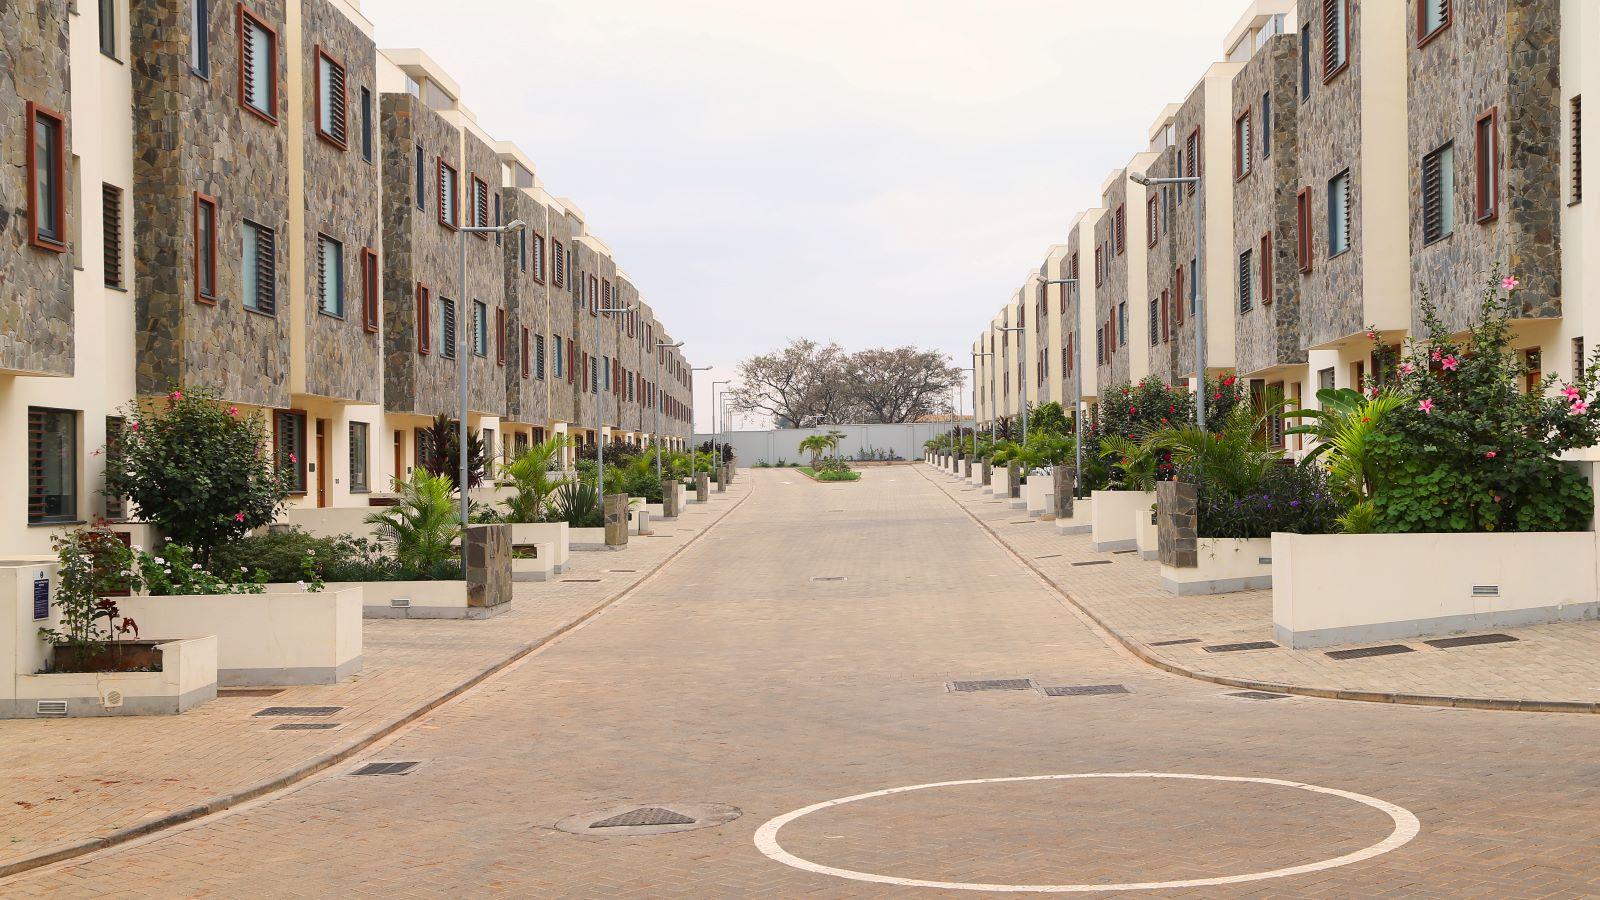 Garden City Street View - Mace Group